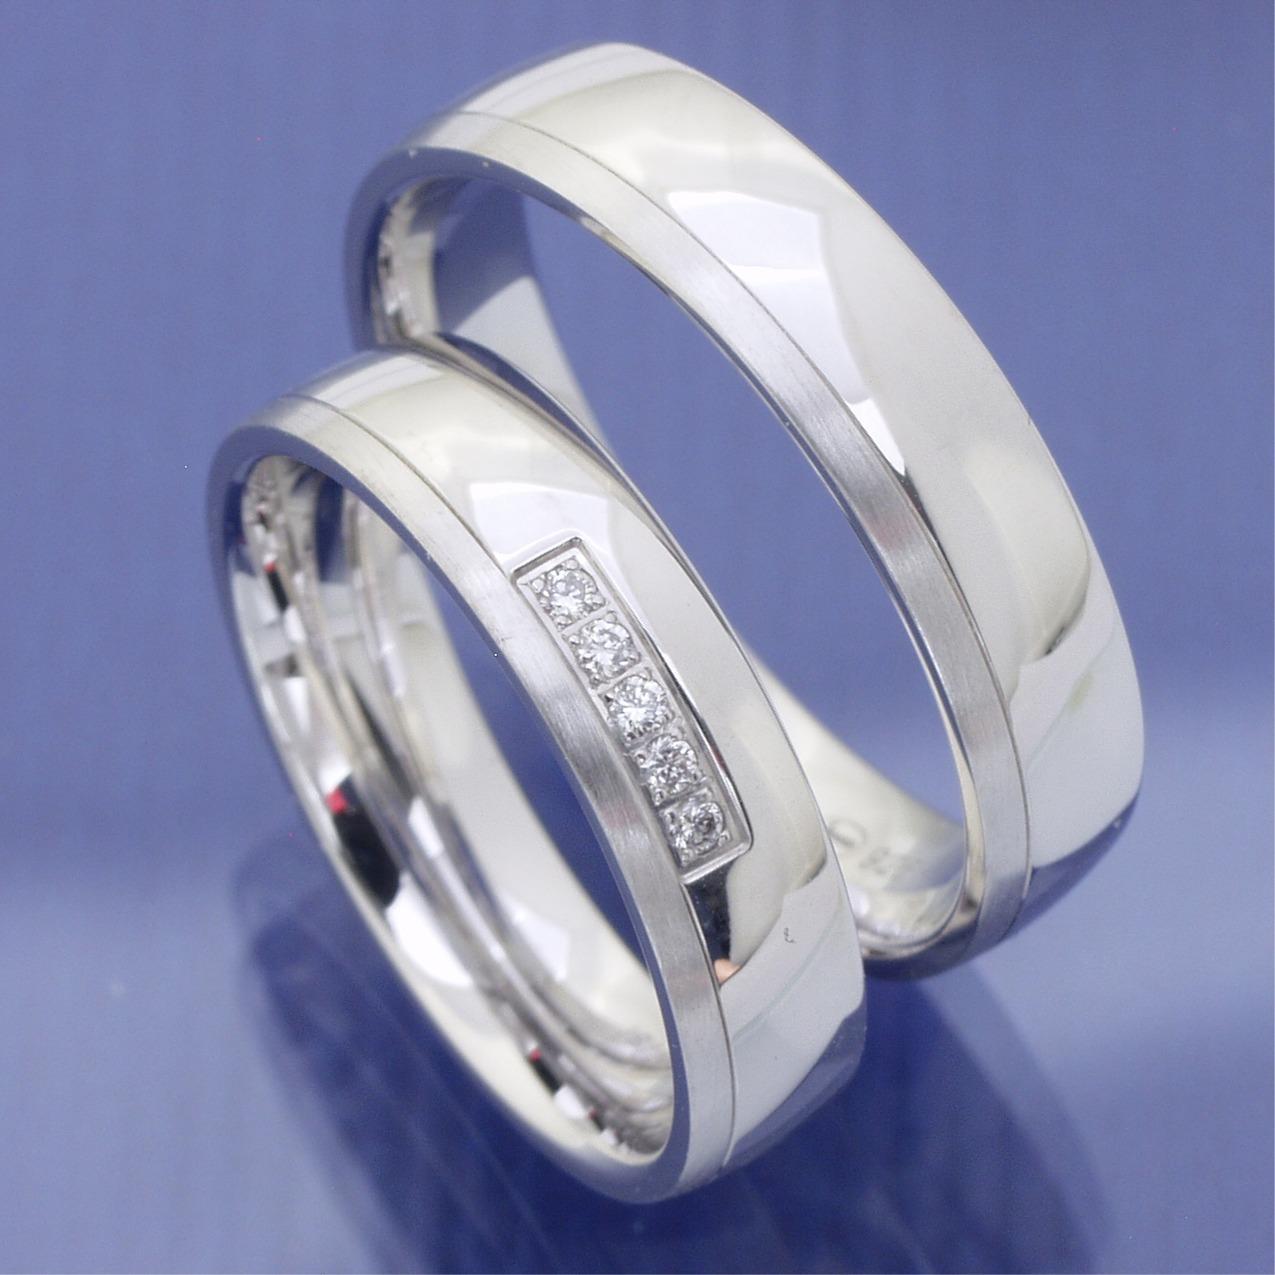 EheringeShop  Partnerringe Eheringe aus Silber mit